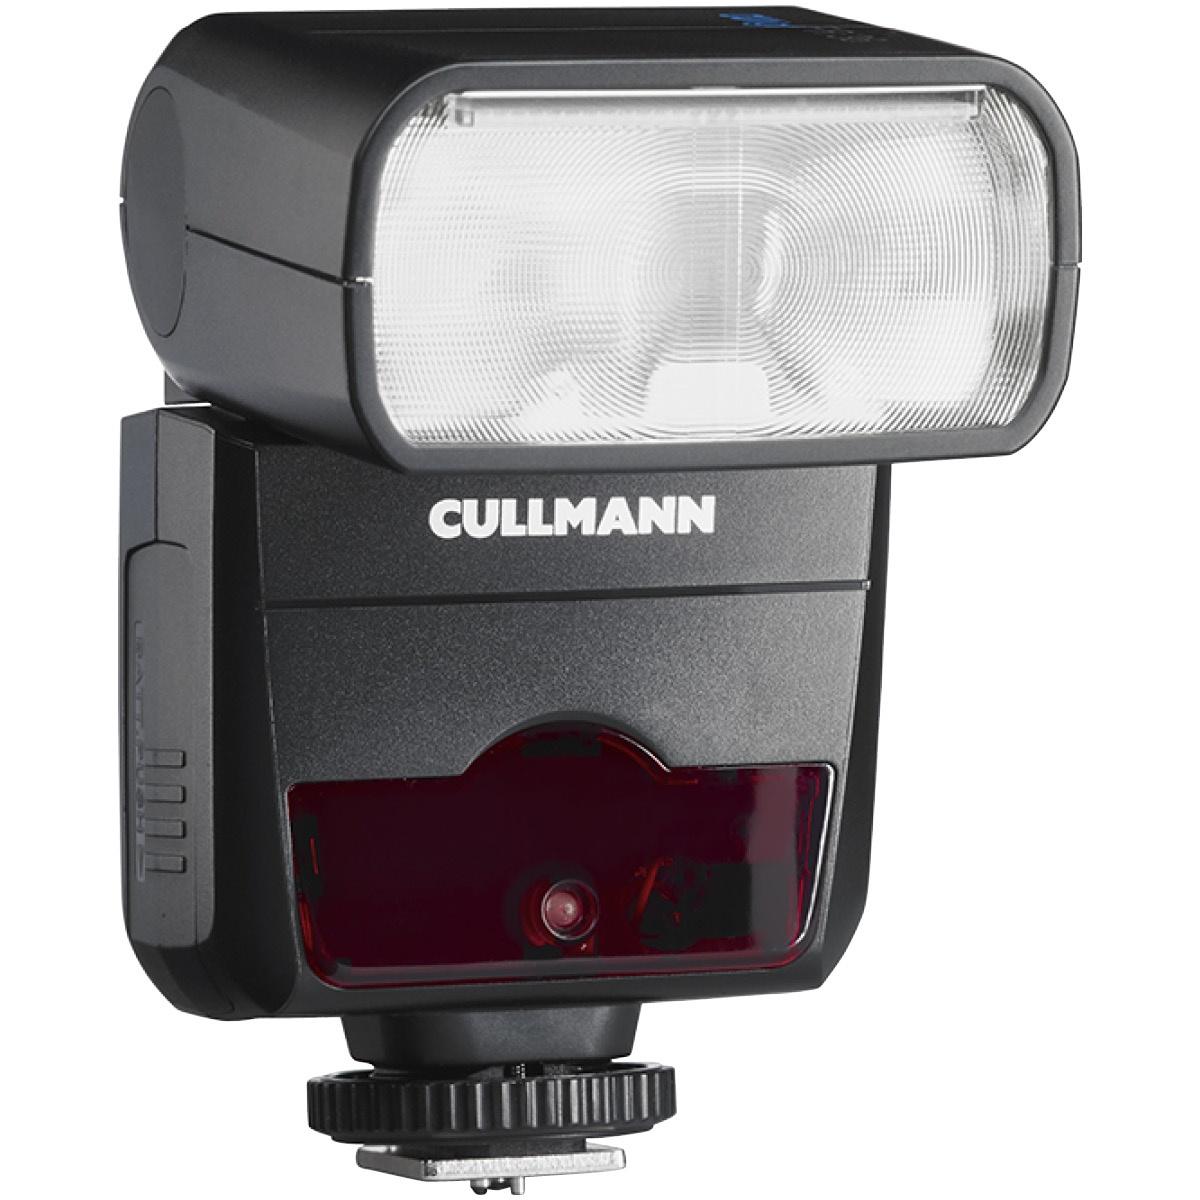 Cullmann Culight FR36 Fujifilm